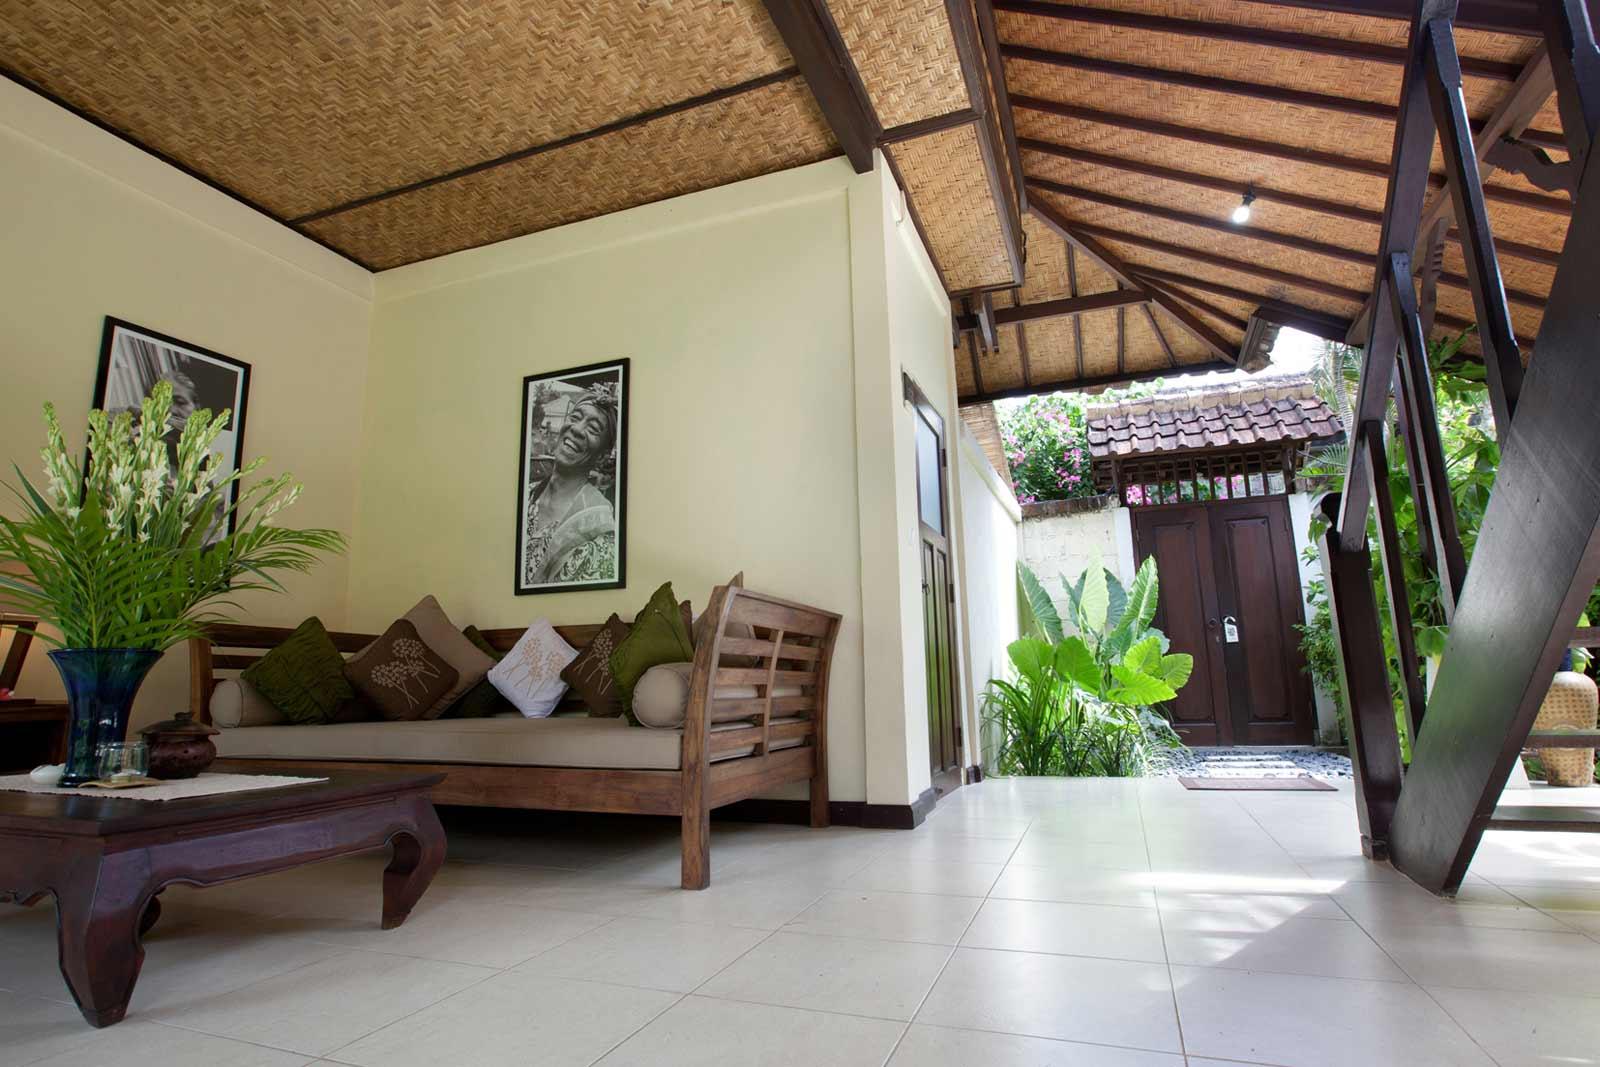 Garden Bungalows Seminyak Two Bedroom Villa Coco Bali